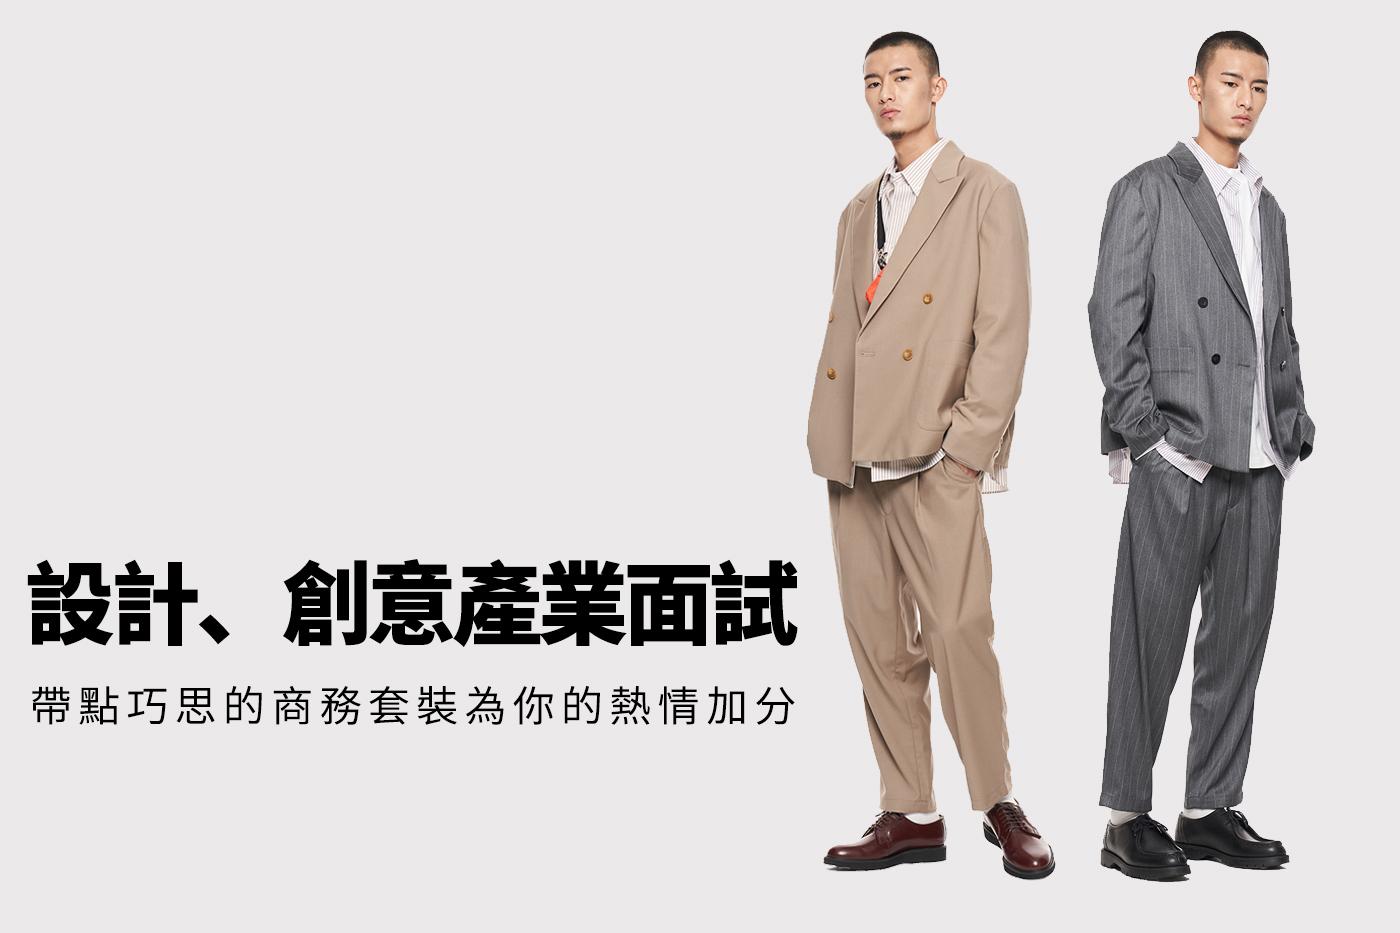 面試服裝,面試穿著,面試服裝男,面試穿什麼,面試穿搭,面試服裝挑選,面試服裝選擇,西裝,正式西裝,西裝外套,半正式西裝,休閒西裝